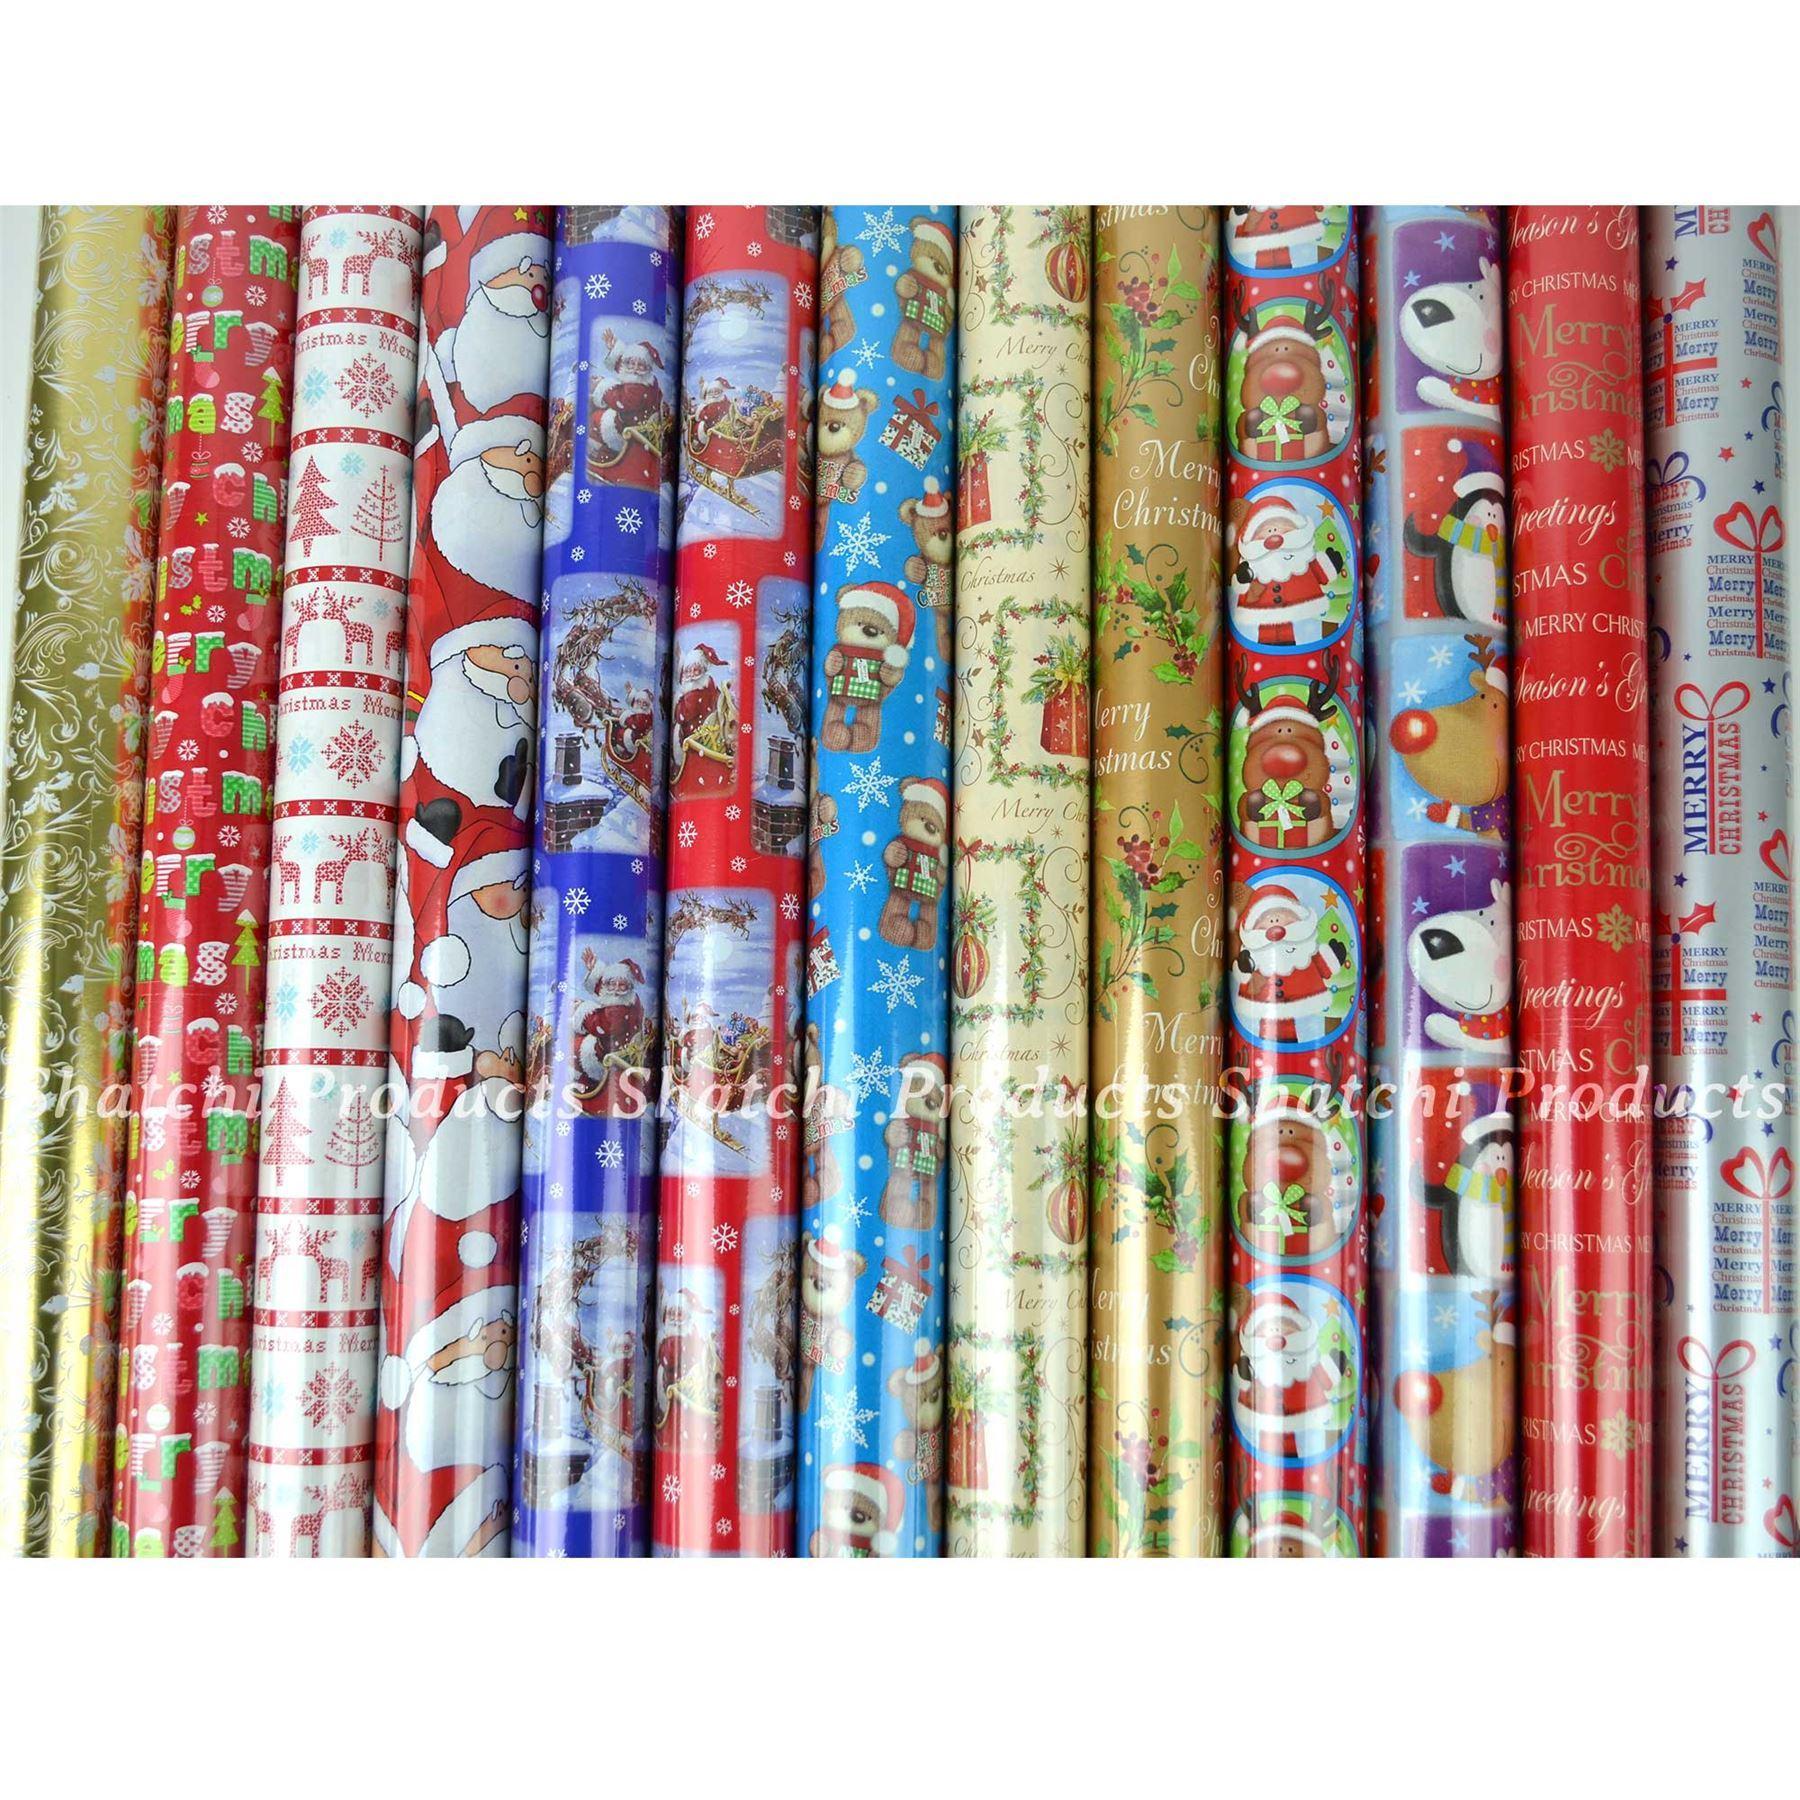 10M-Natale-Regalo-Wrap-Assortiti-ROTOLI-DI-CARTA-DA-PACCO-ROTOLO-REGALO-DI-NATALE miniatura 31